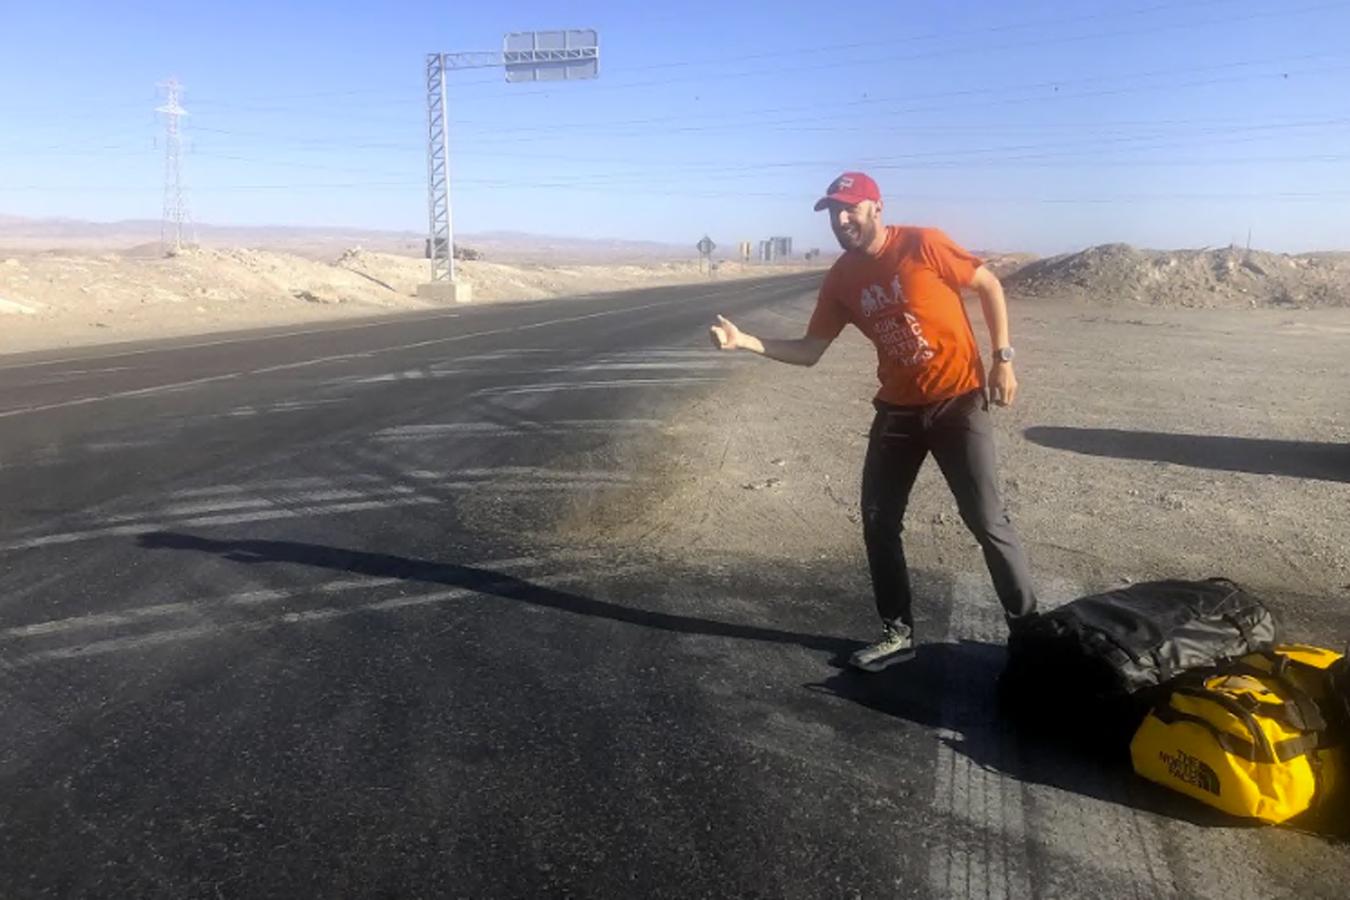 Trabajo doble: primero hace dedo para trasladar su equipaje, y luego hará el recorrido corriendo